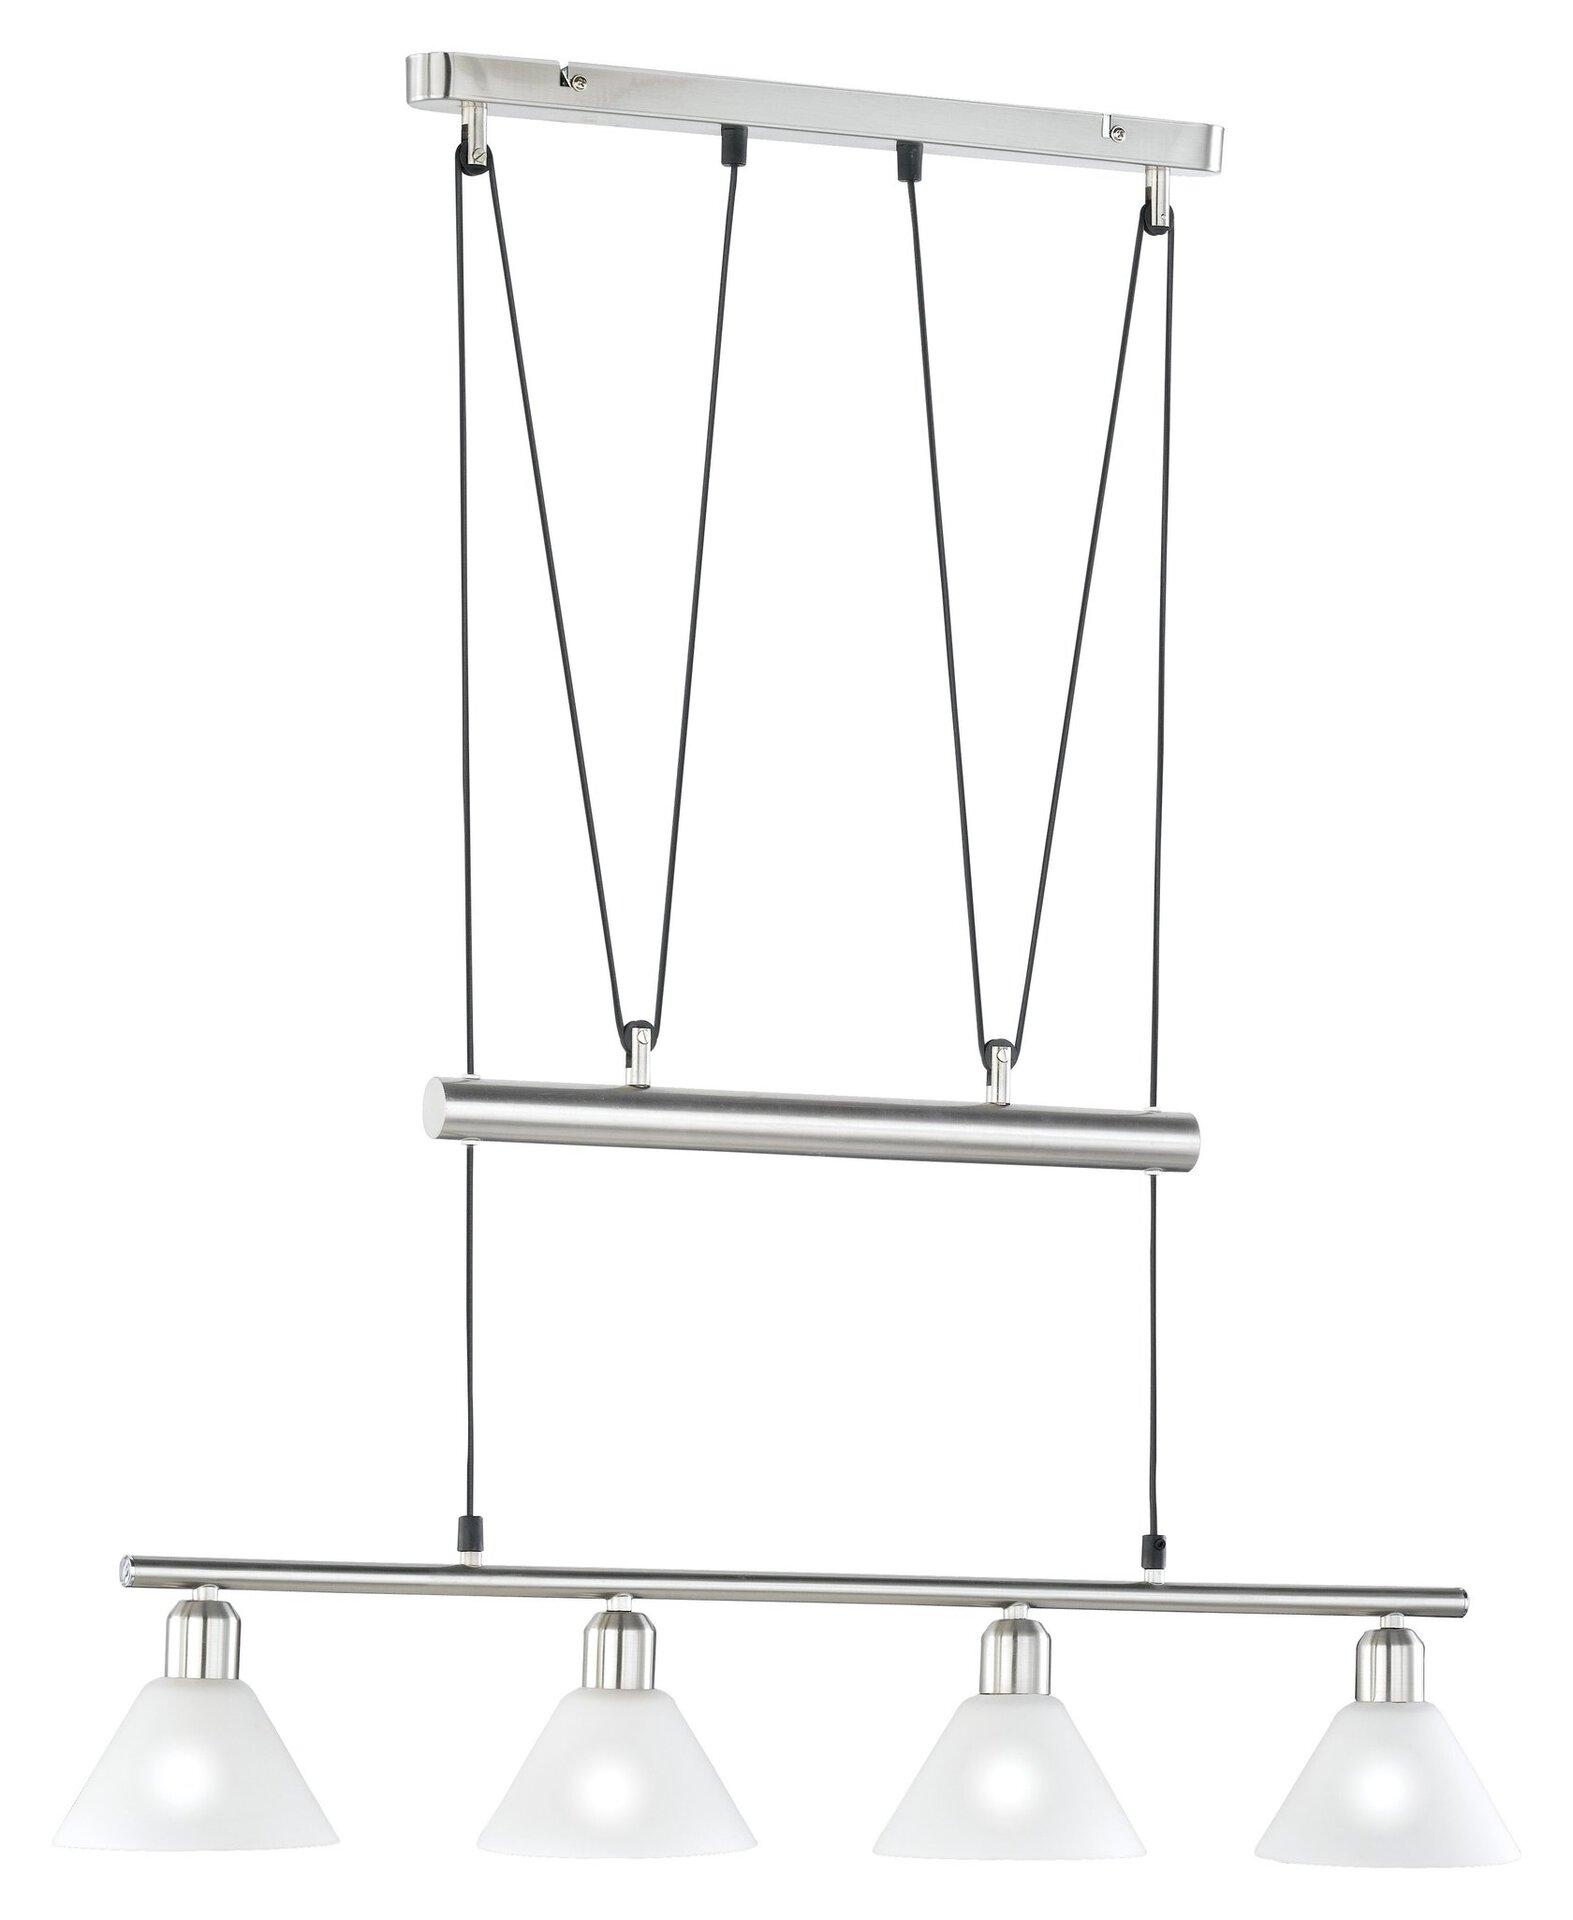 Pendelleuchte Stamina Trio Leuchten Metall 180 x 80 cm